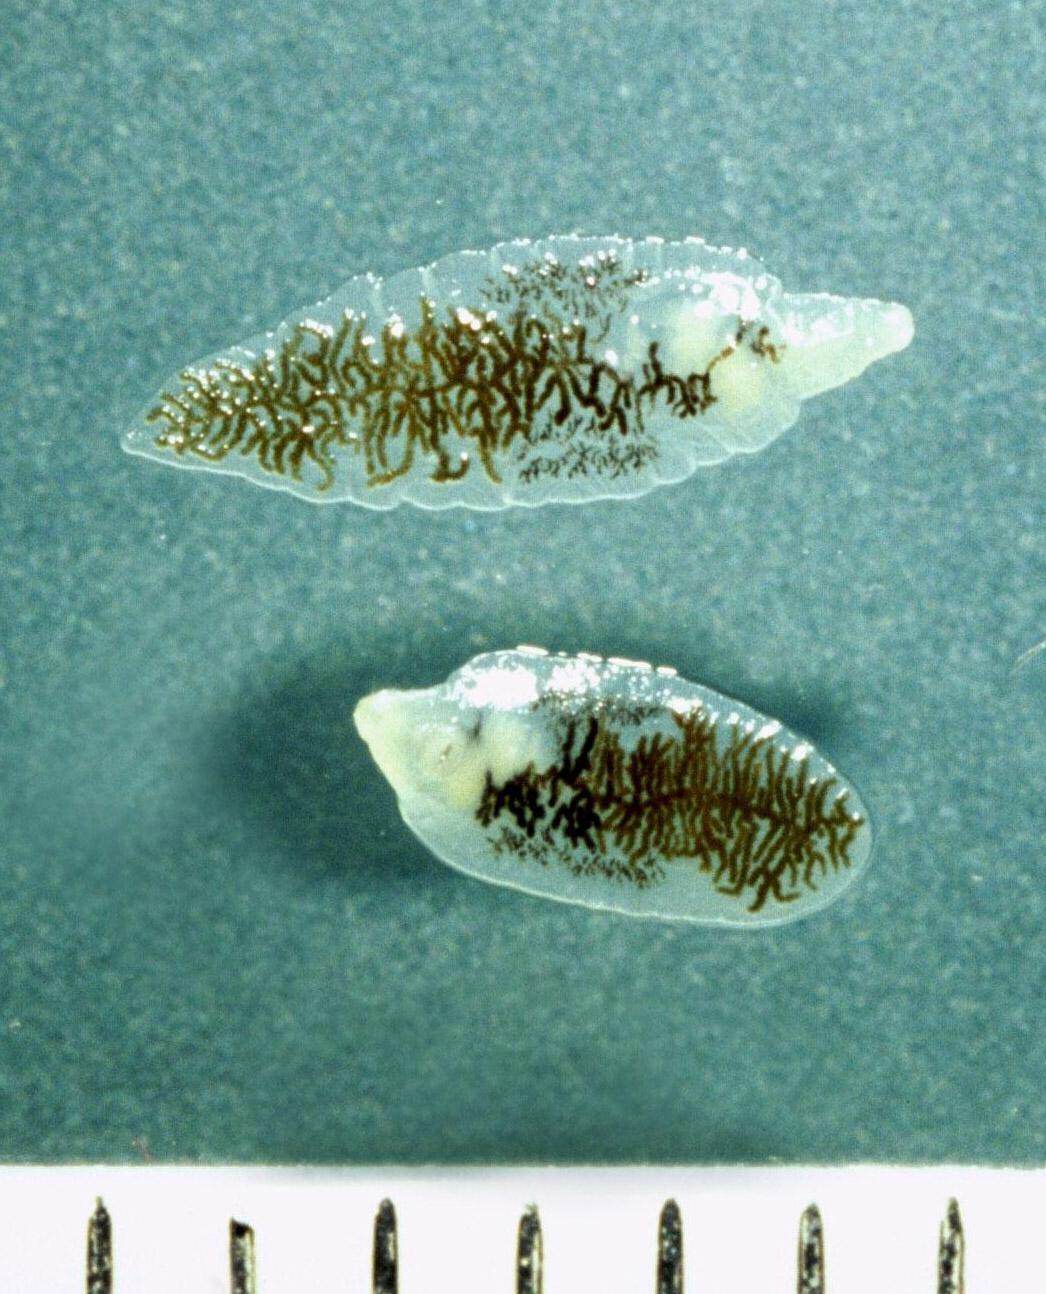 fascioliasis dicroceliosis)